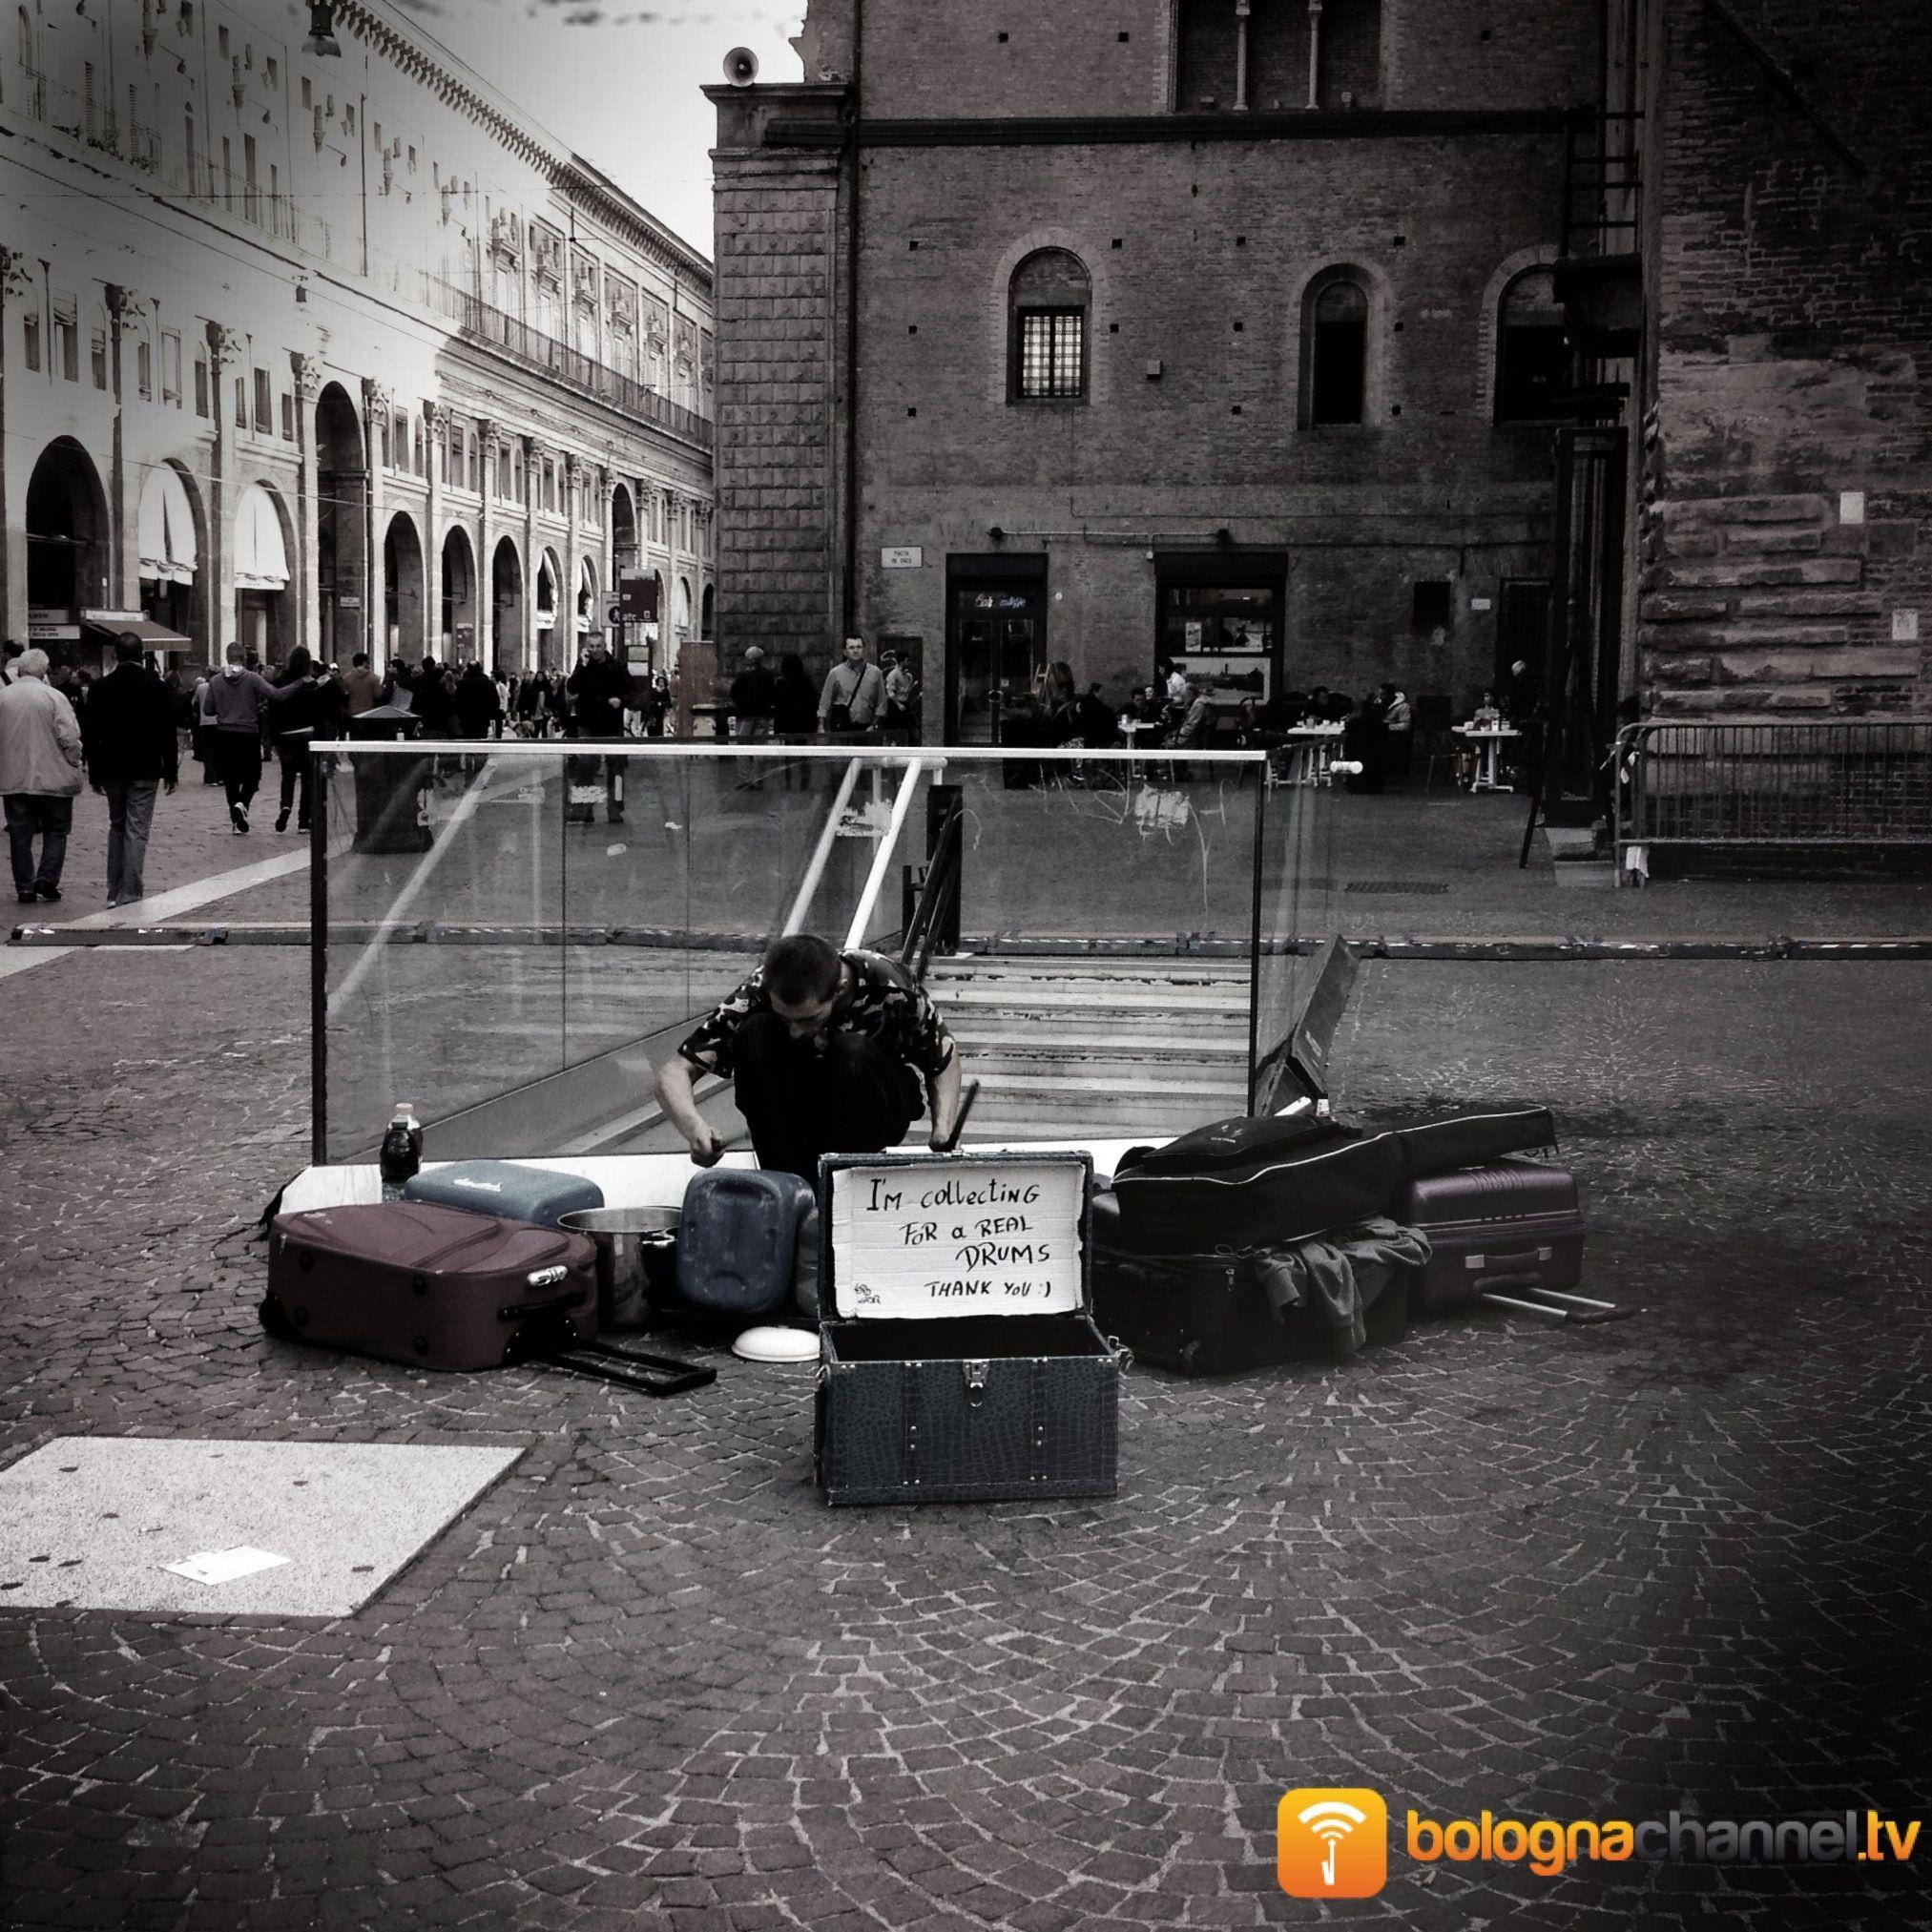 #Bologna oggi pomeriggio by #bolognachannel.tv